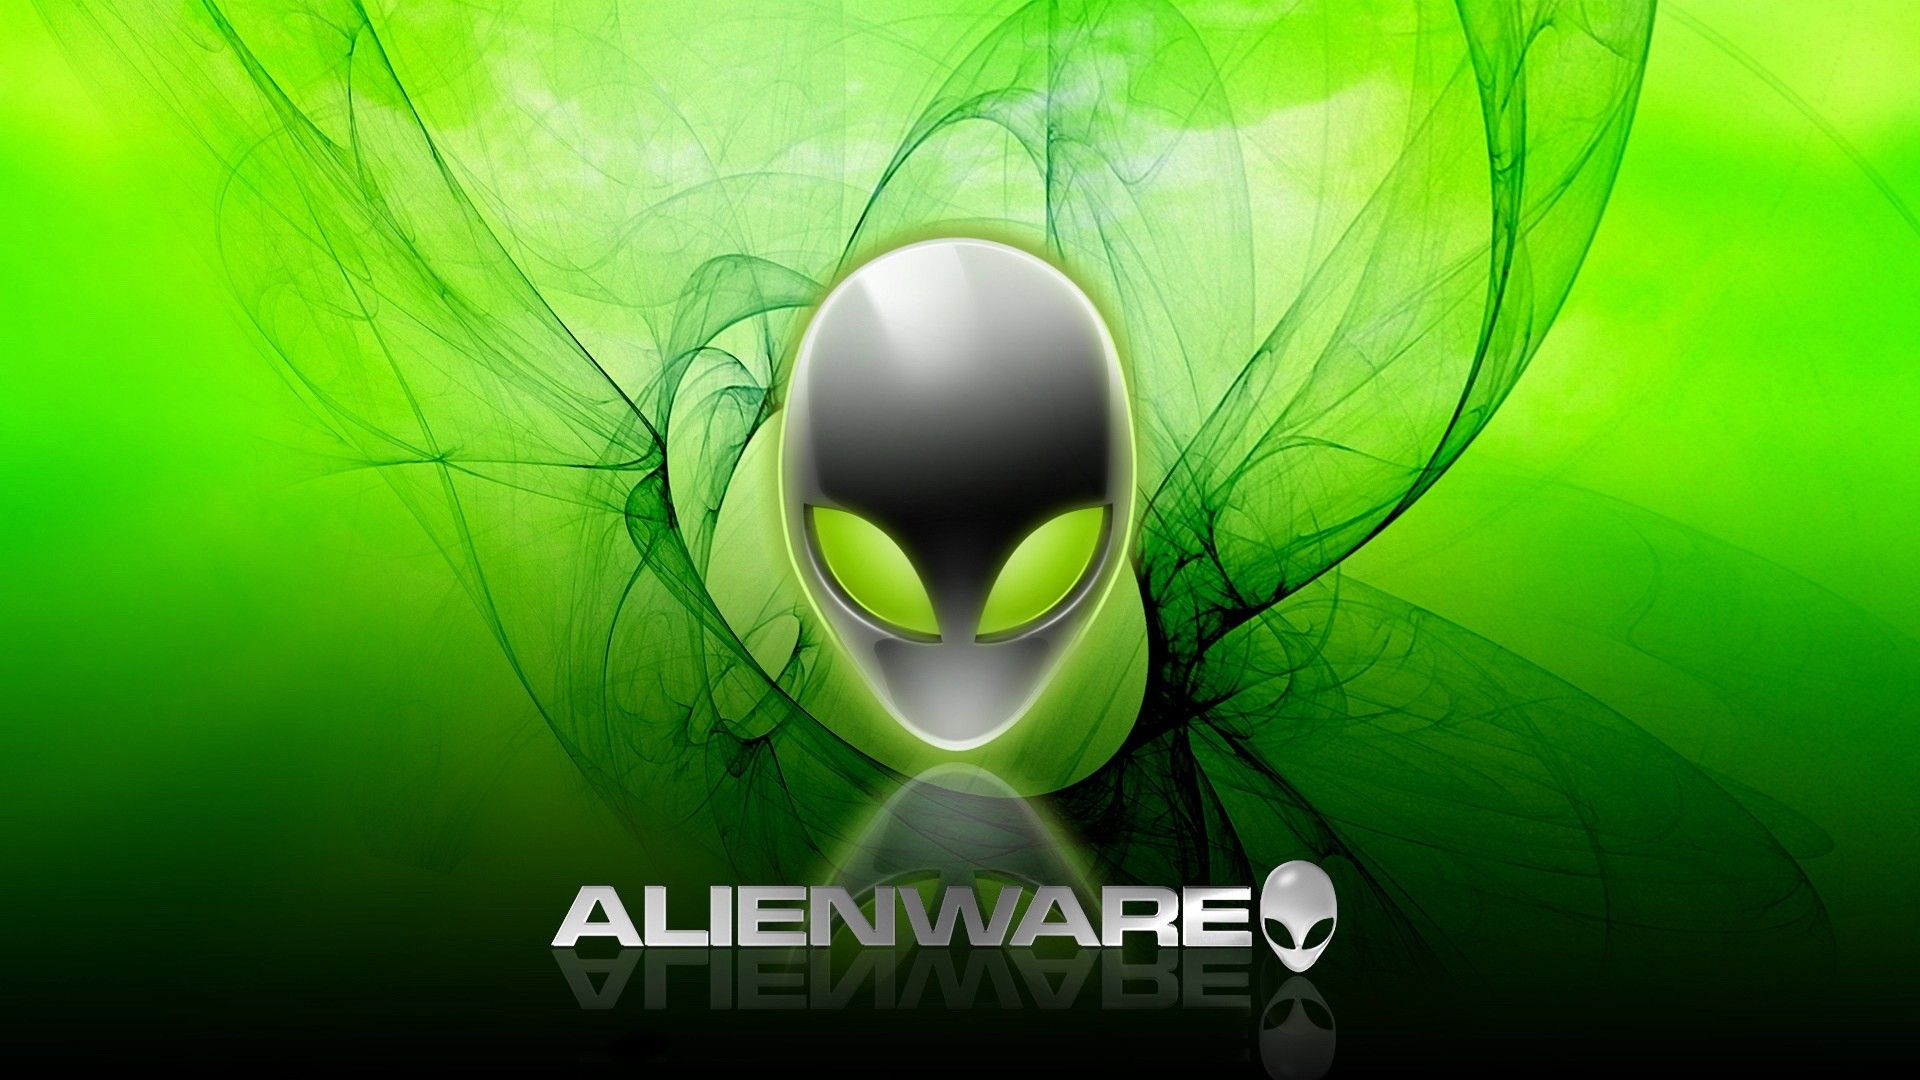 Alienware Logo HD Green wallpaper http//www.0wallpapers